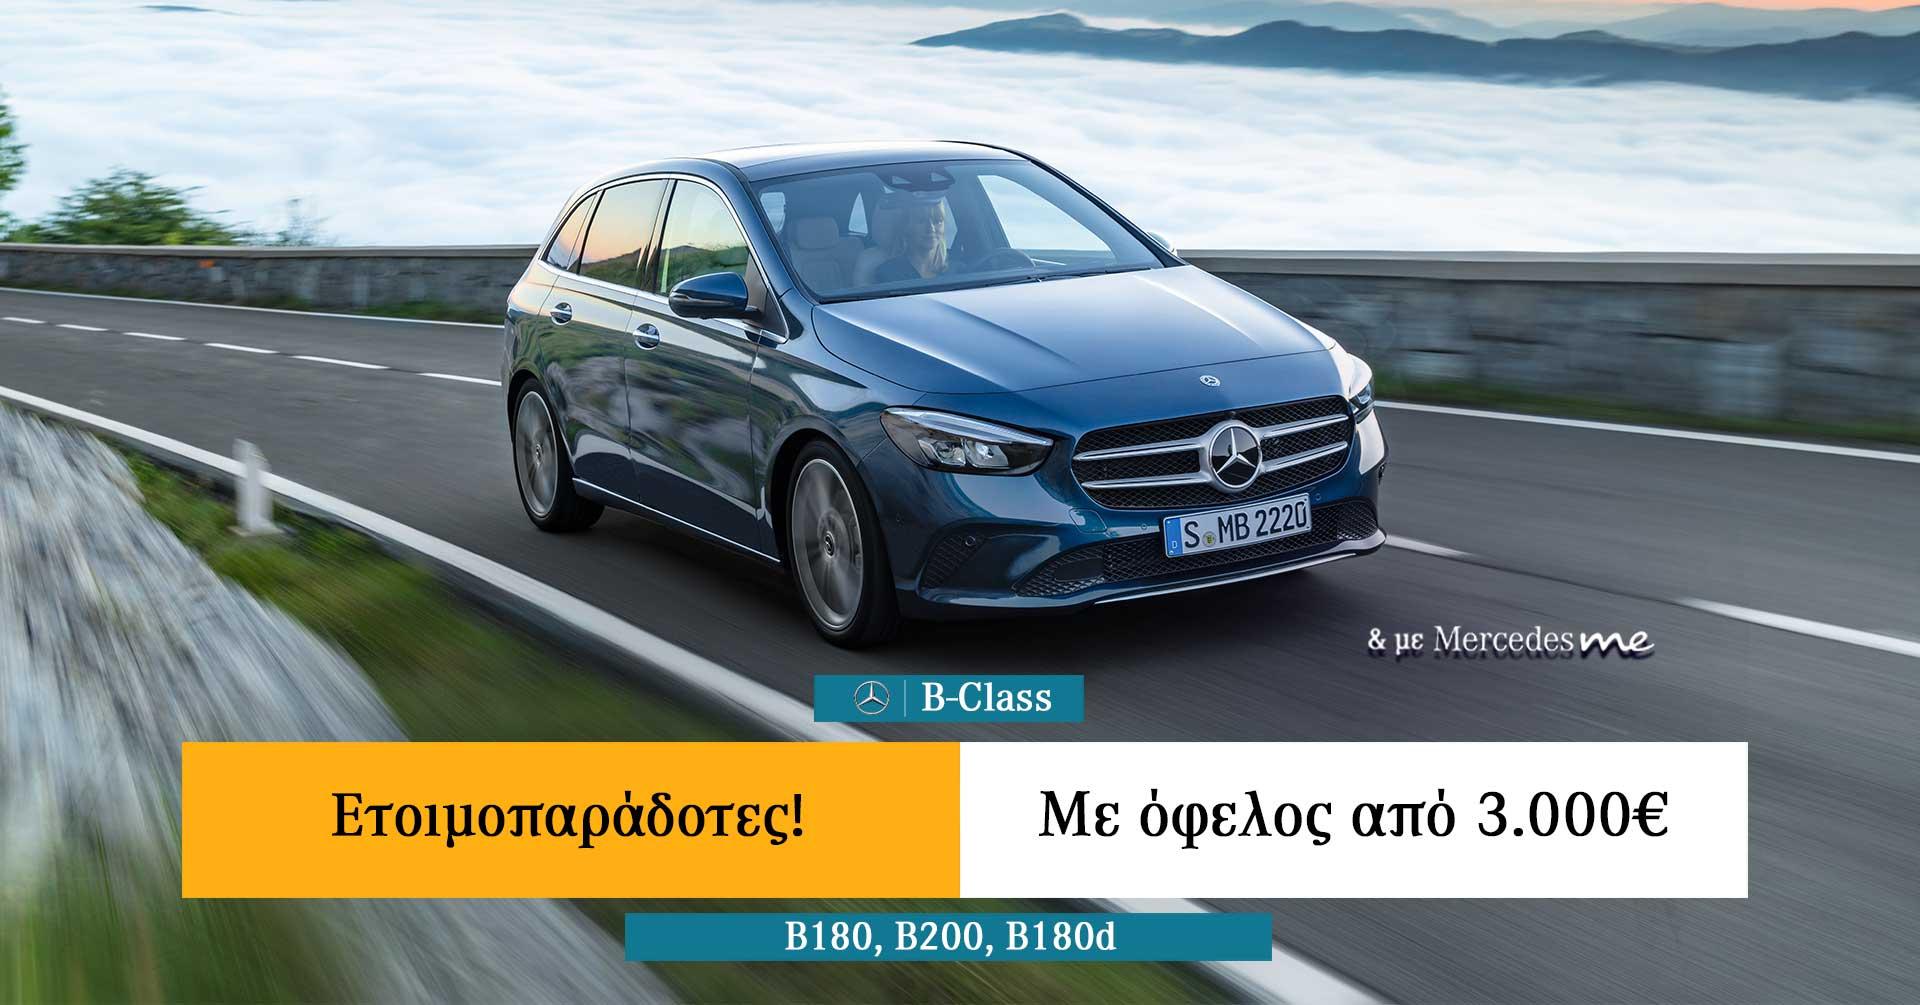 B-Class